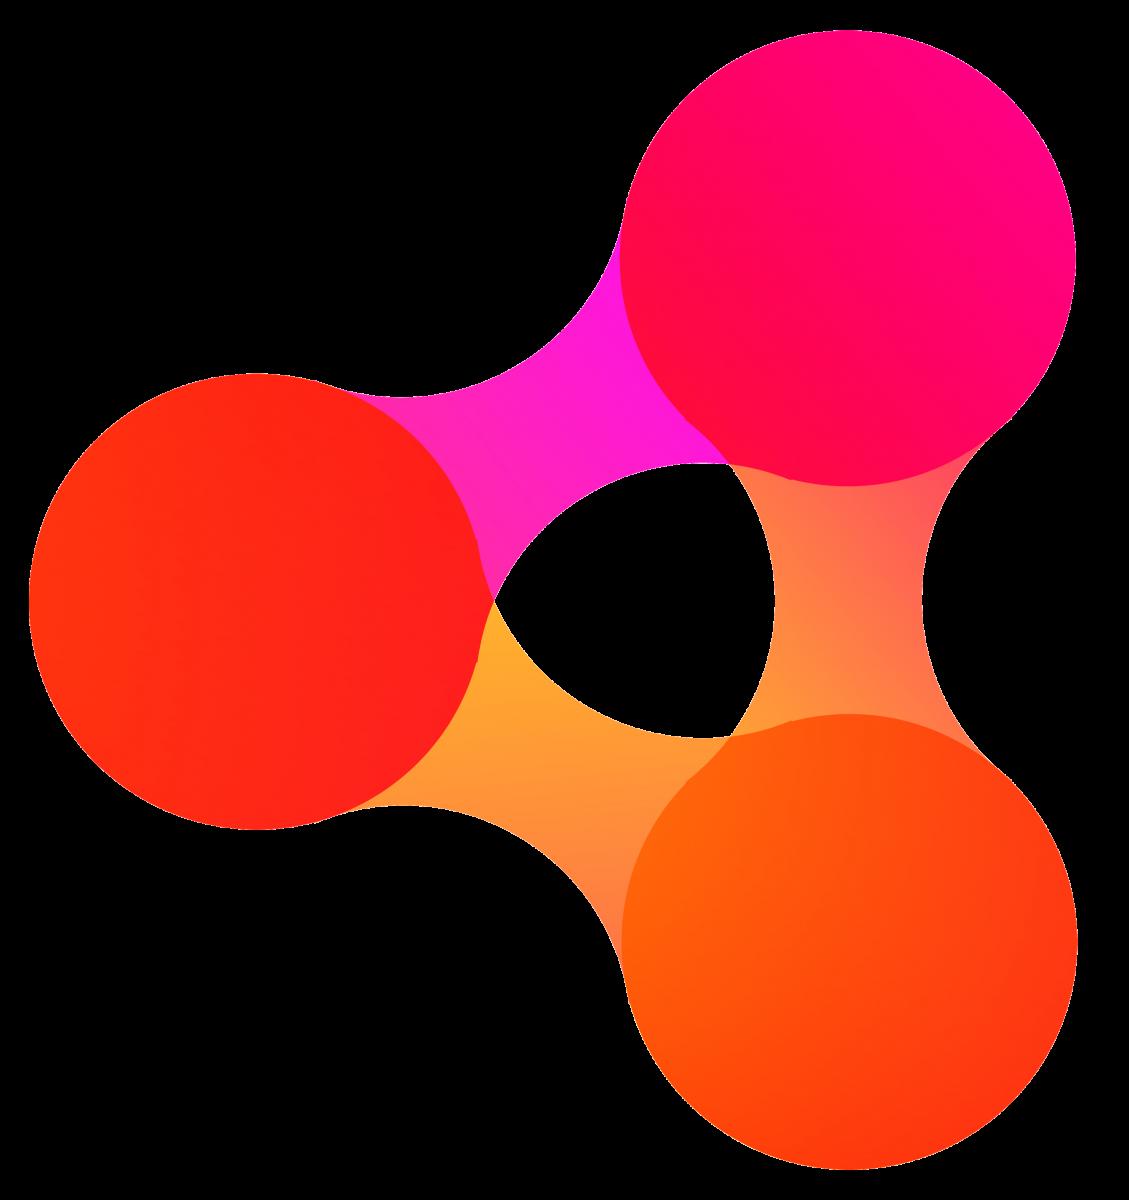 seap_img_logo.png